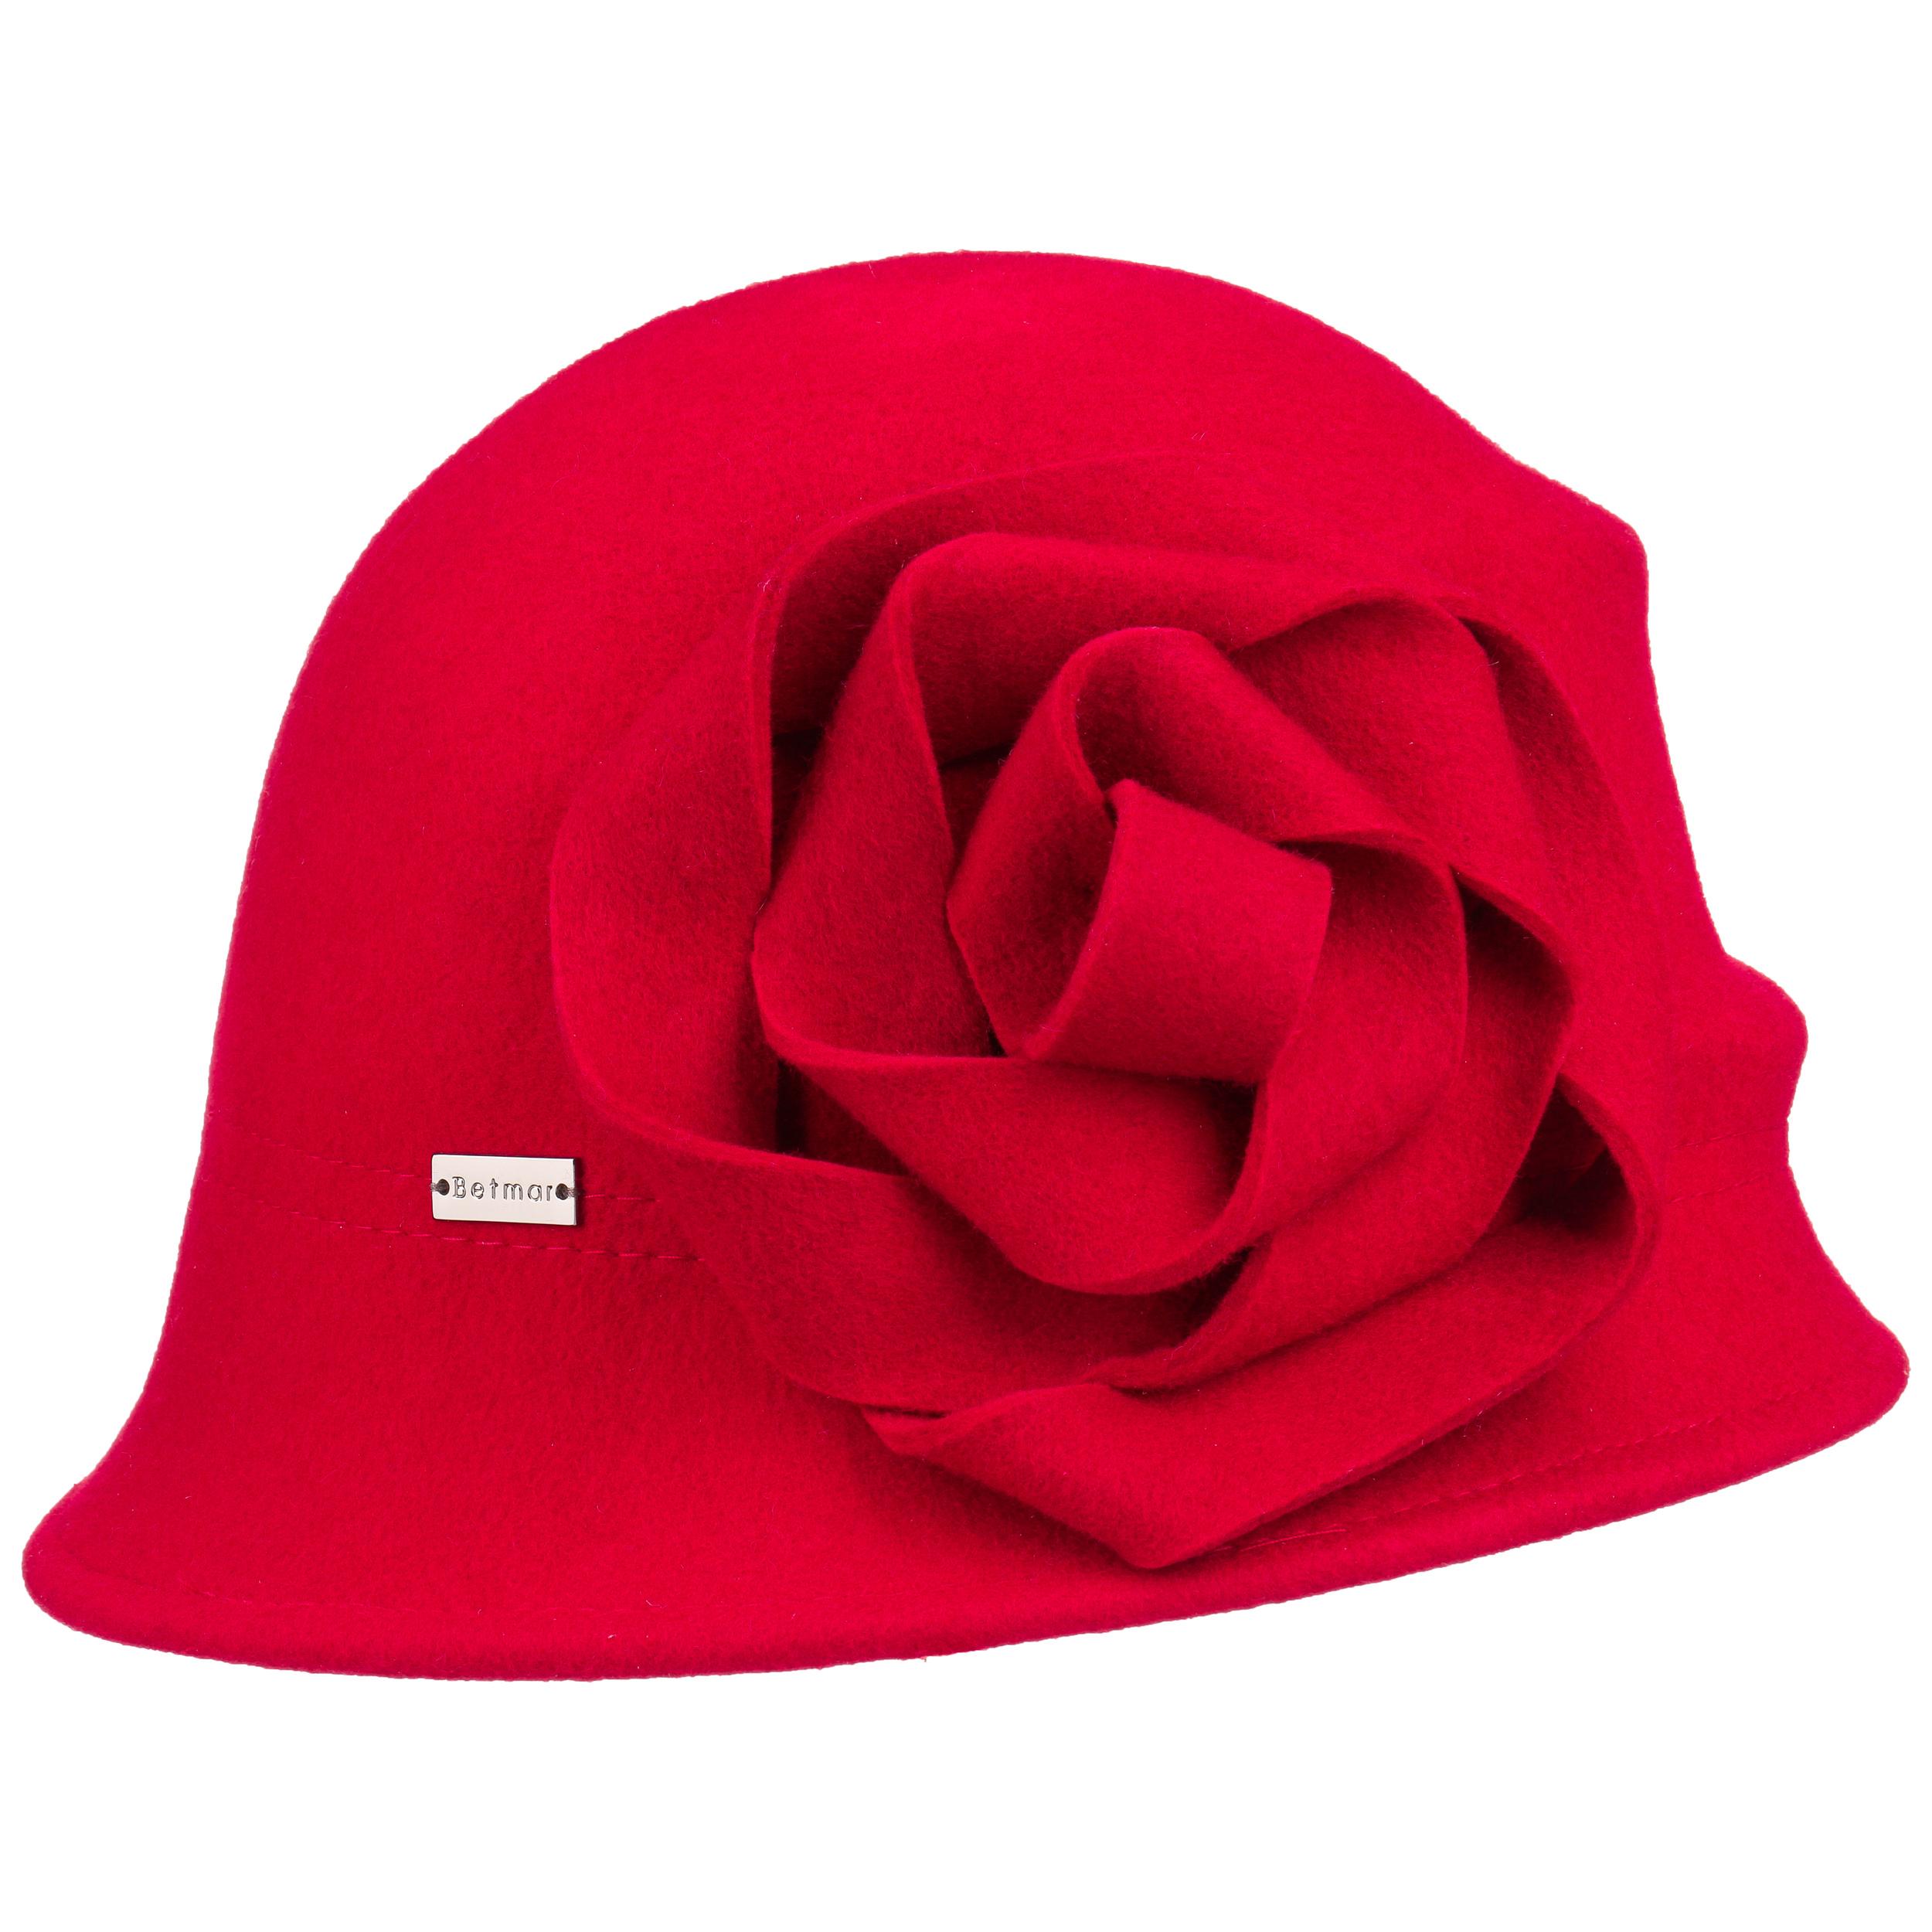 Sombrero Cloché Alexandrite by Betmar - Sombreros - sombreroshop.es dbe18042936